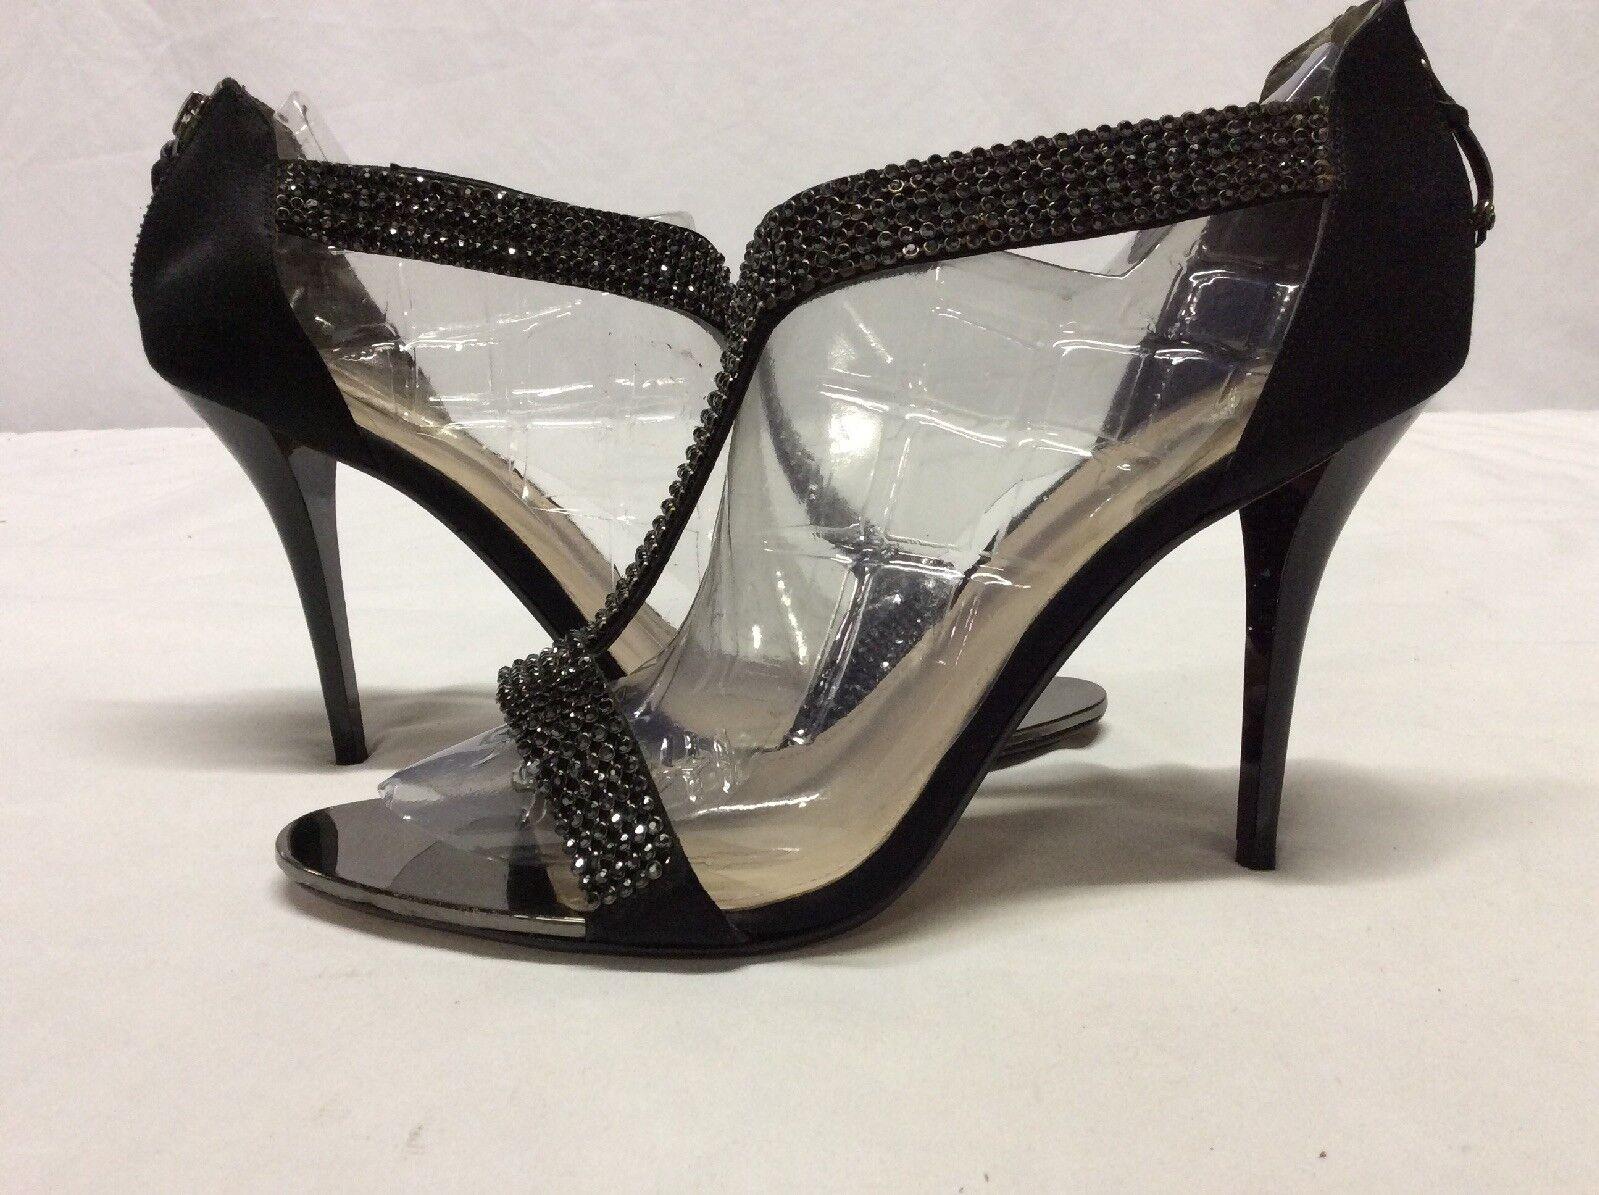 Glint Women's Heels Dress Sandals, Black,Bridal Size Size Size US 10.5 M. ...DRESS7 a6b2f4